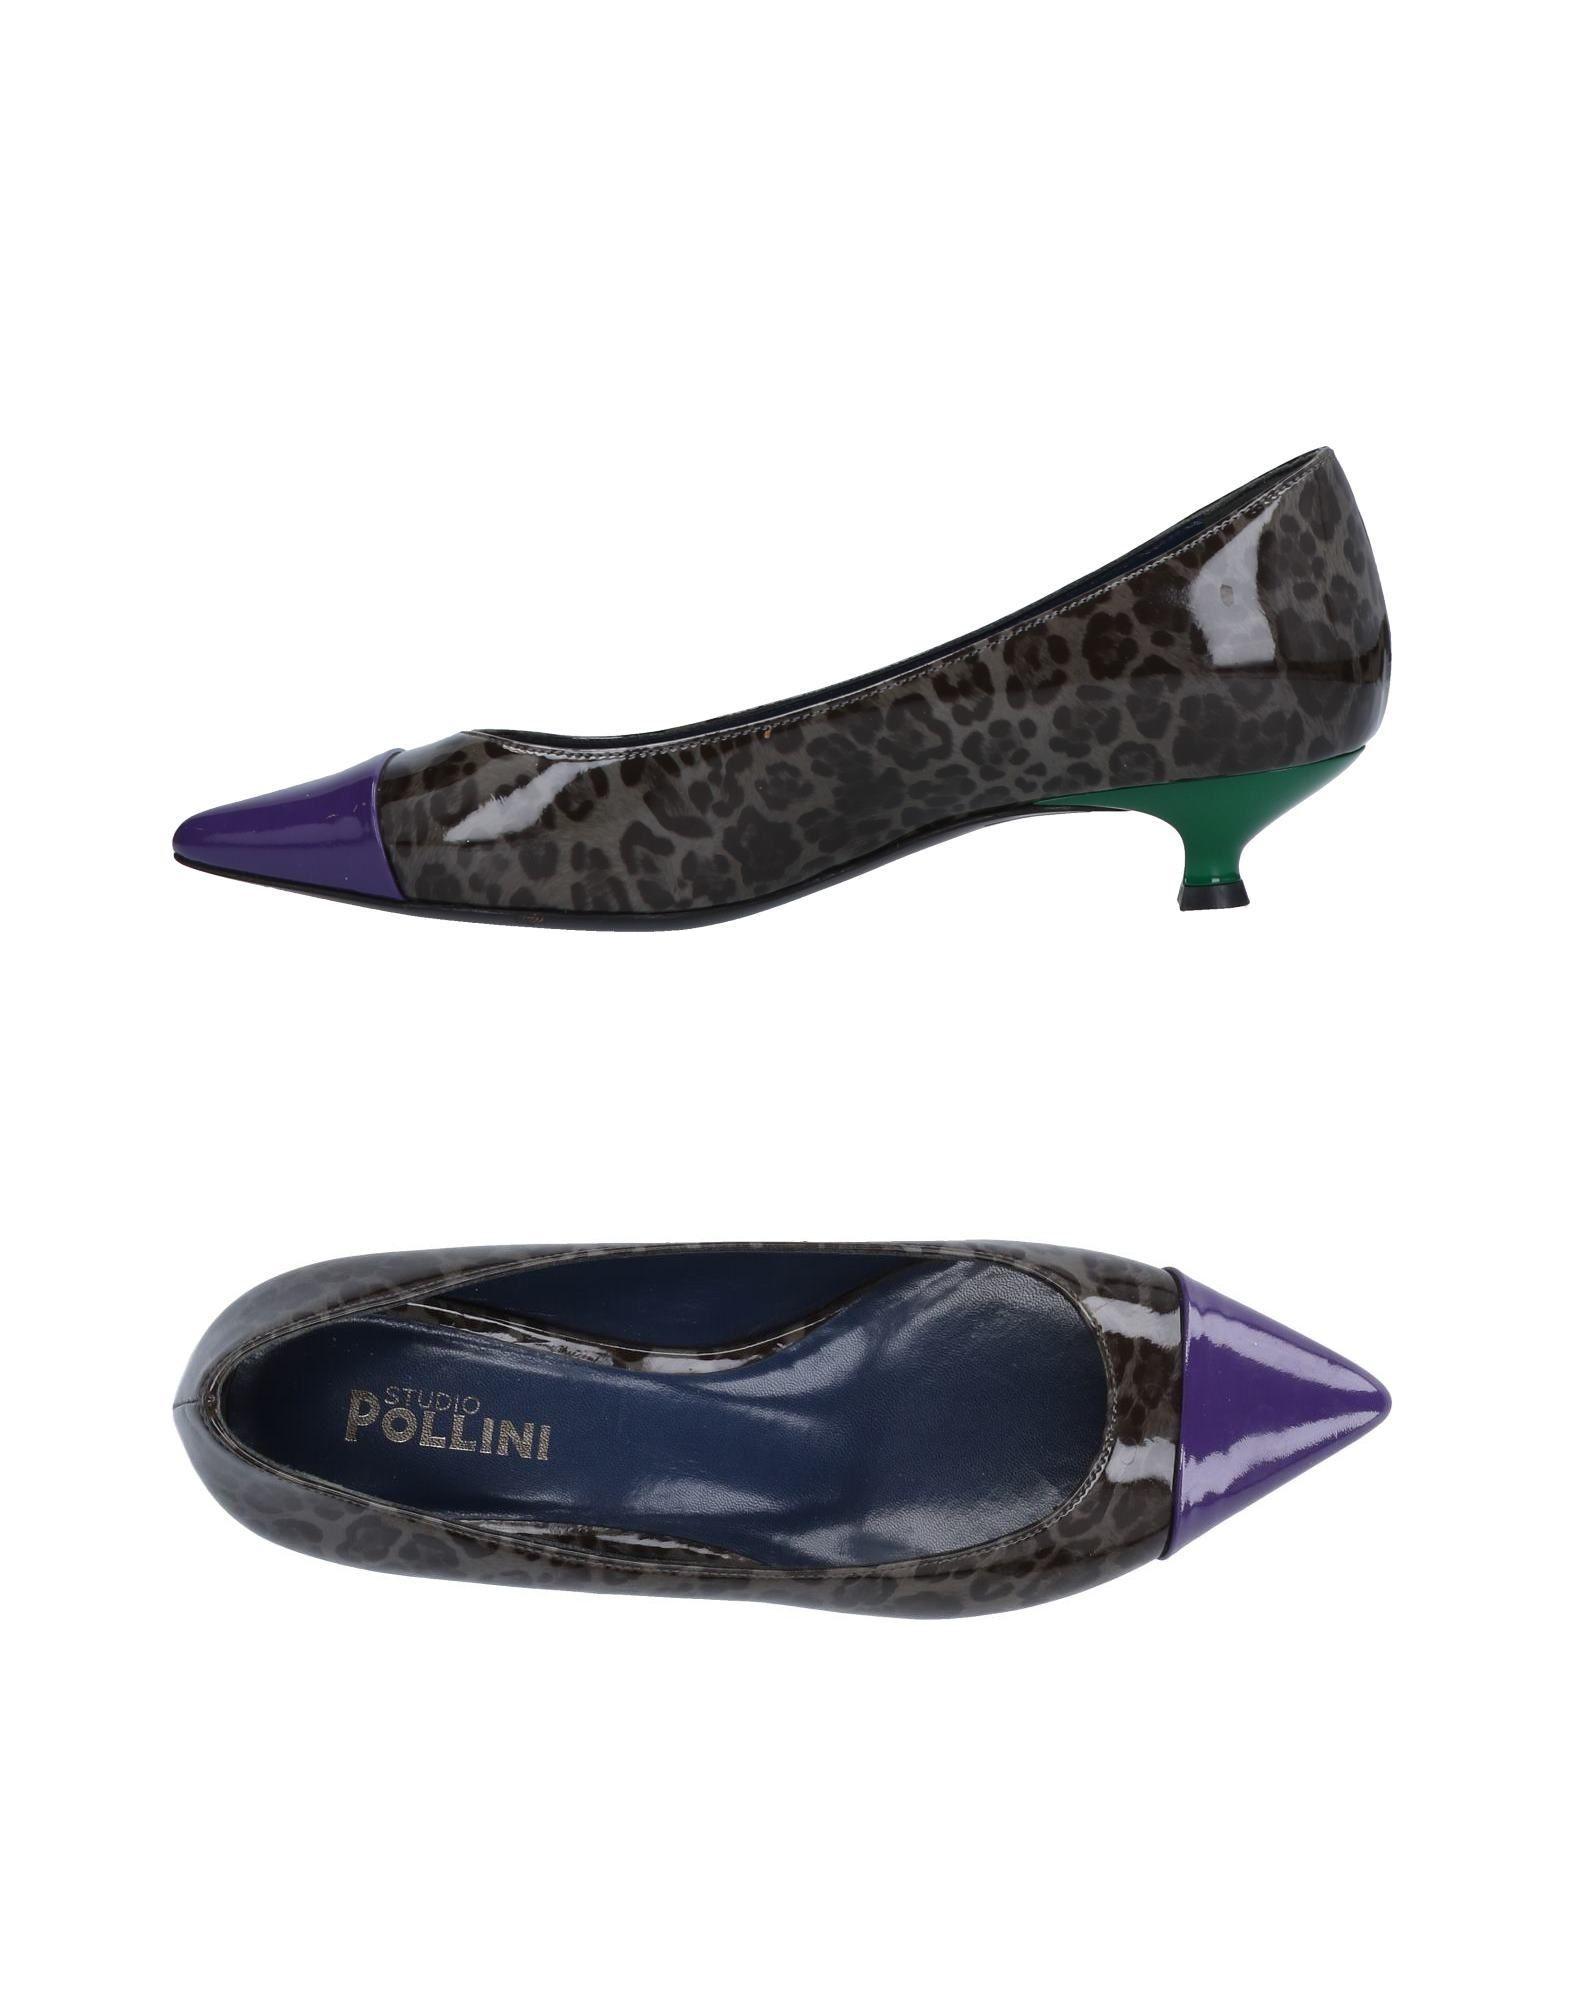 STUDIO POLLINI Туфли туфли studio w klingel цвет зеленый серебристый рисунок